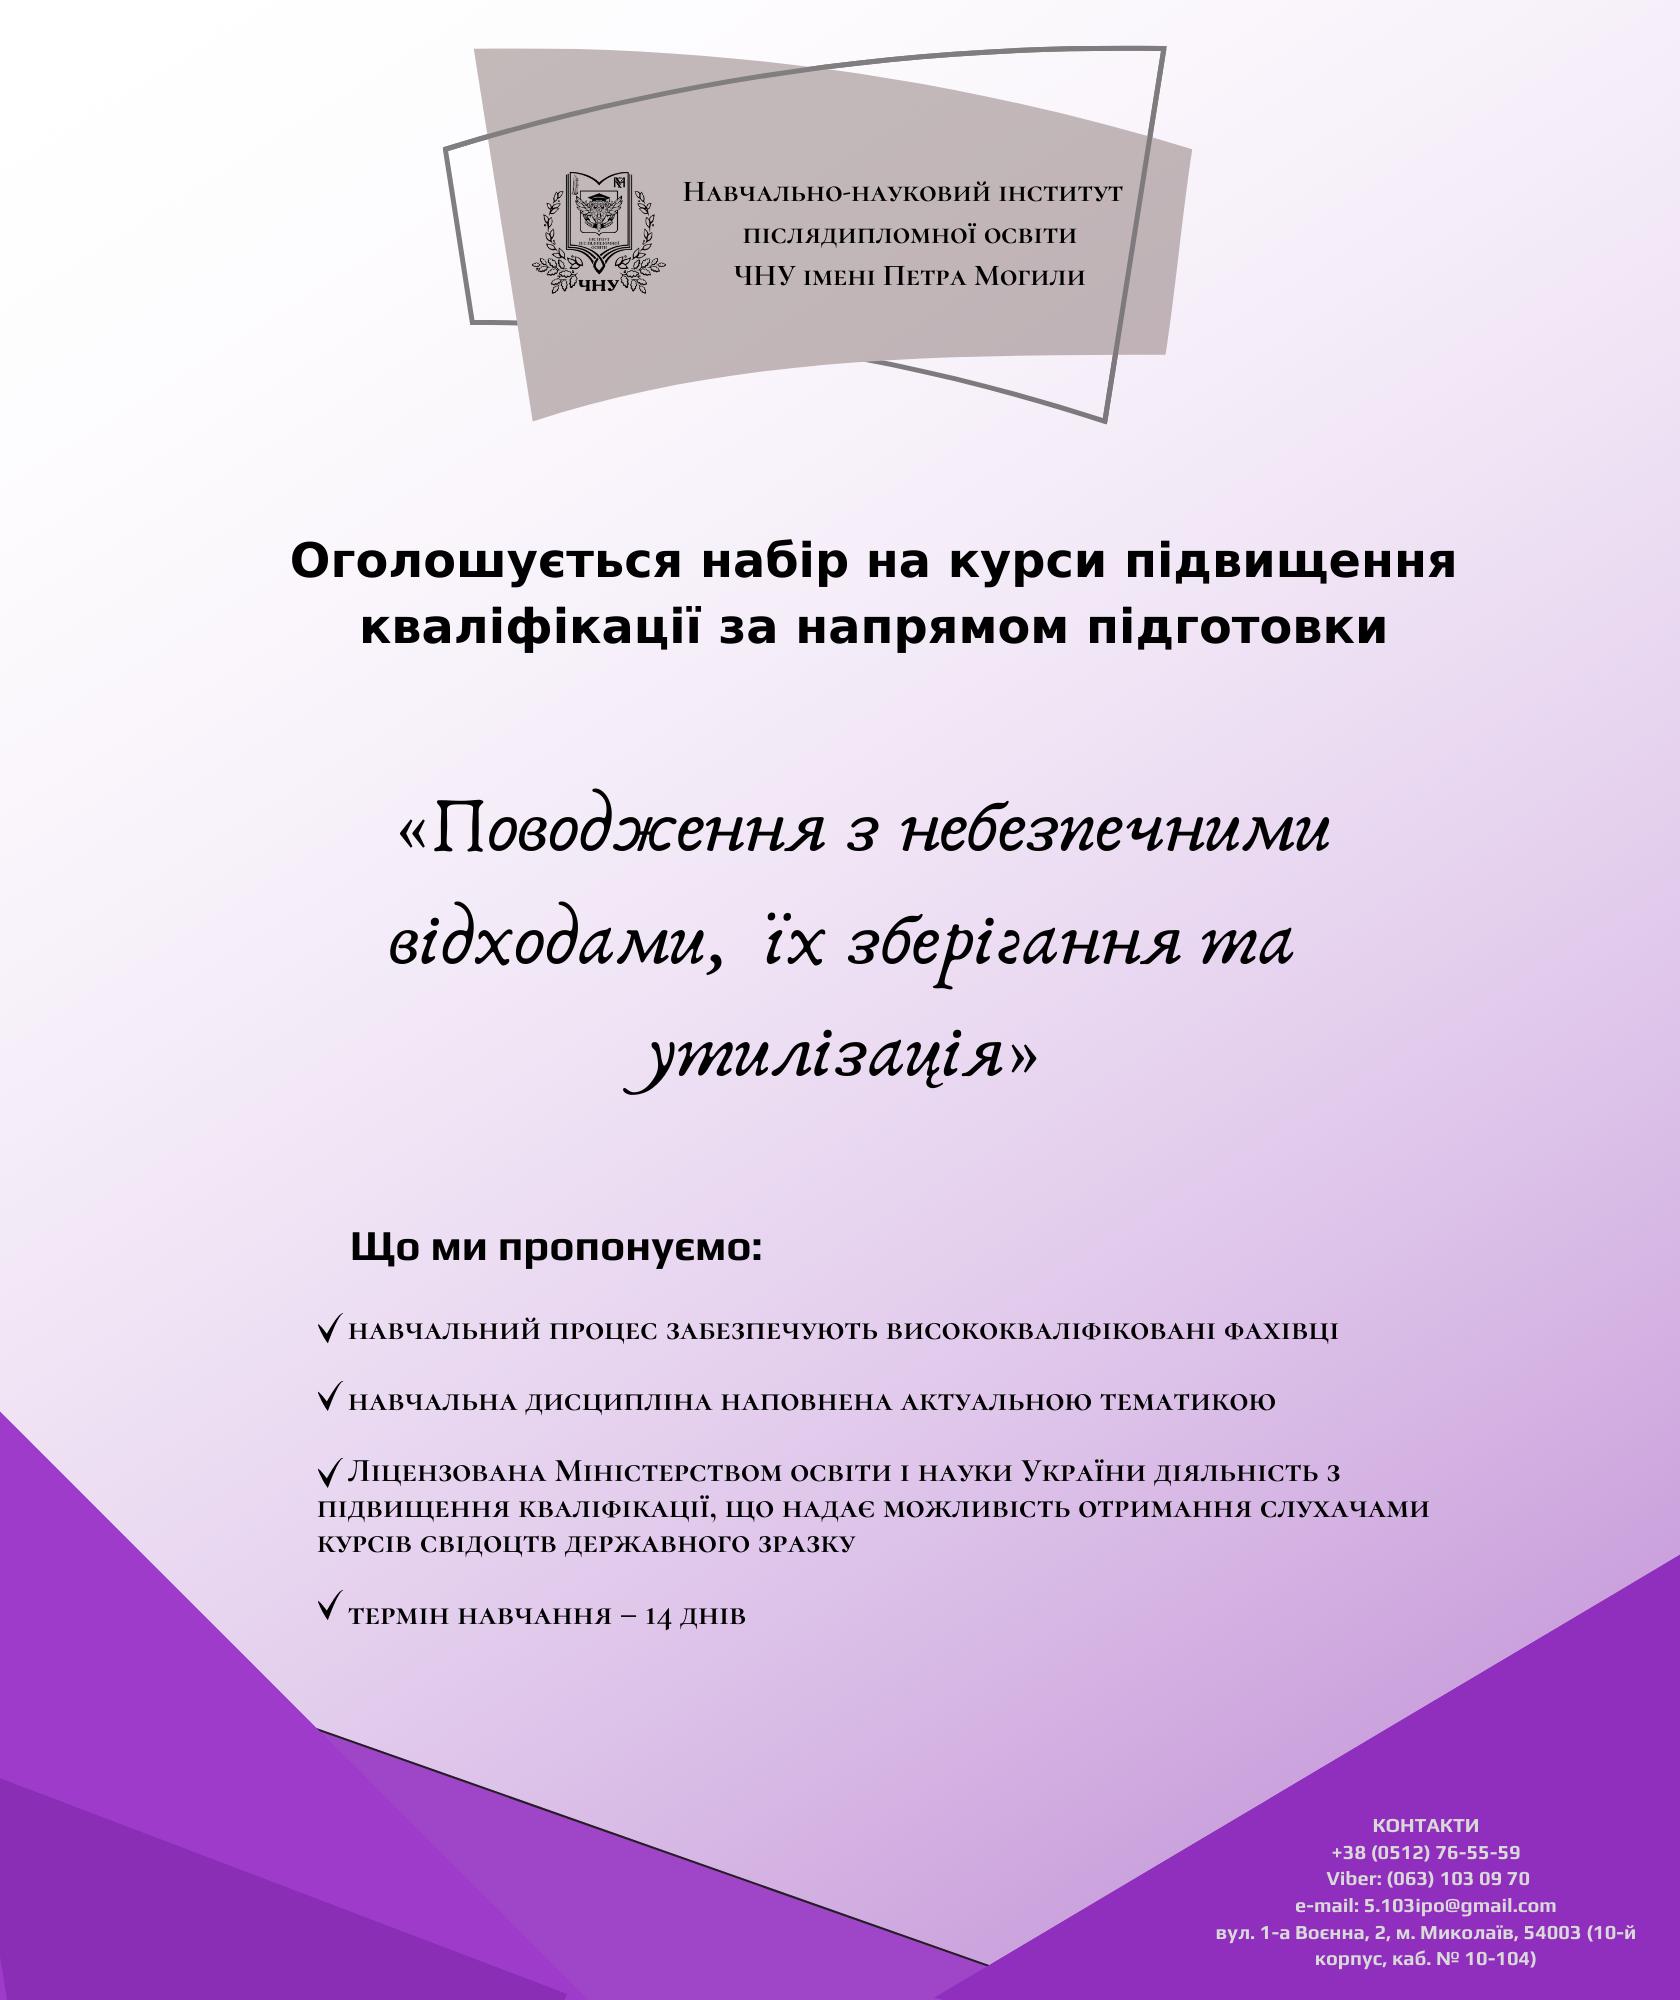 Копія _Що ми пропонуємо_ • навчальний процес забезпечують висококваліфіковані фахівці • навчальна дисципліна наповнена актуальною тематикою • Ліцензована Міністерством освіти і науки України діяльність з .png